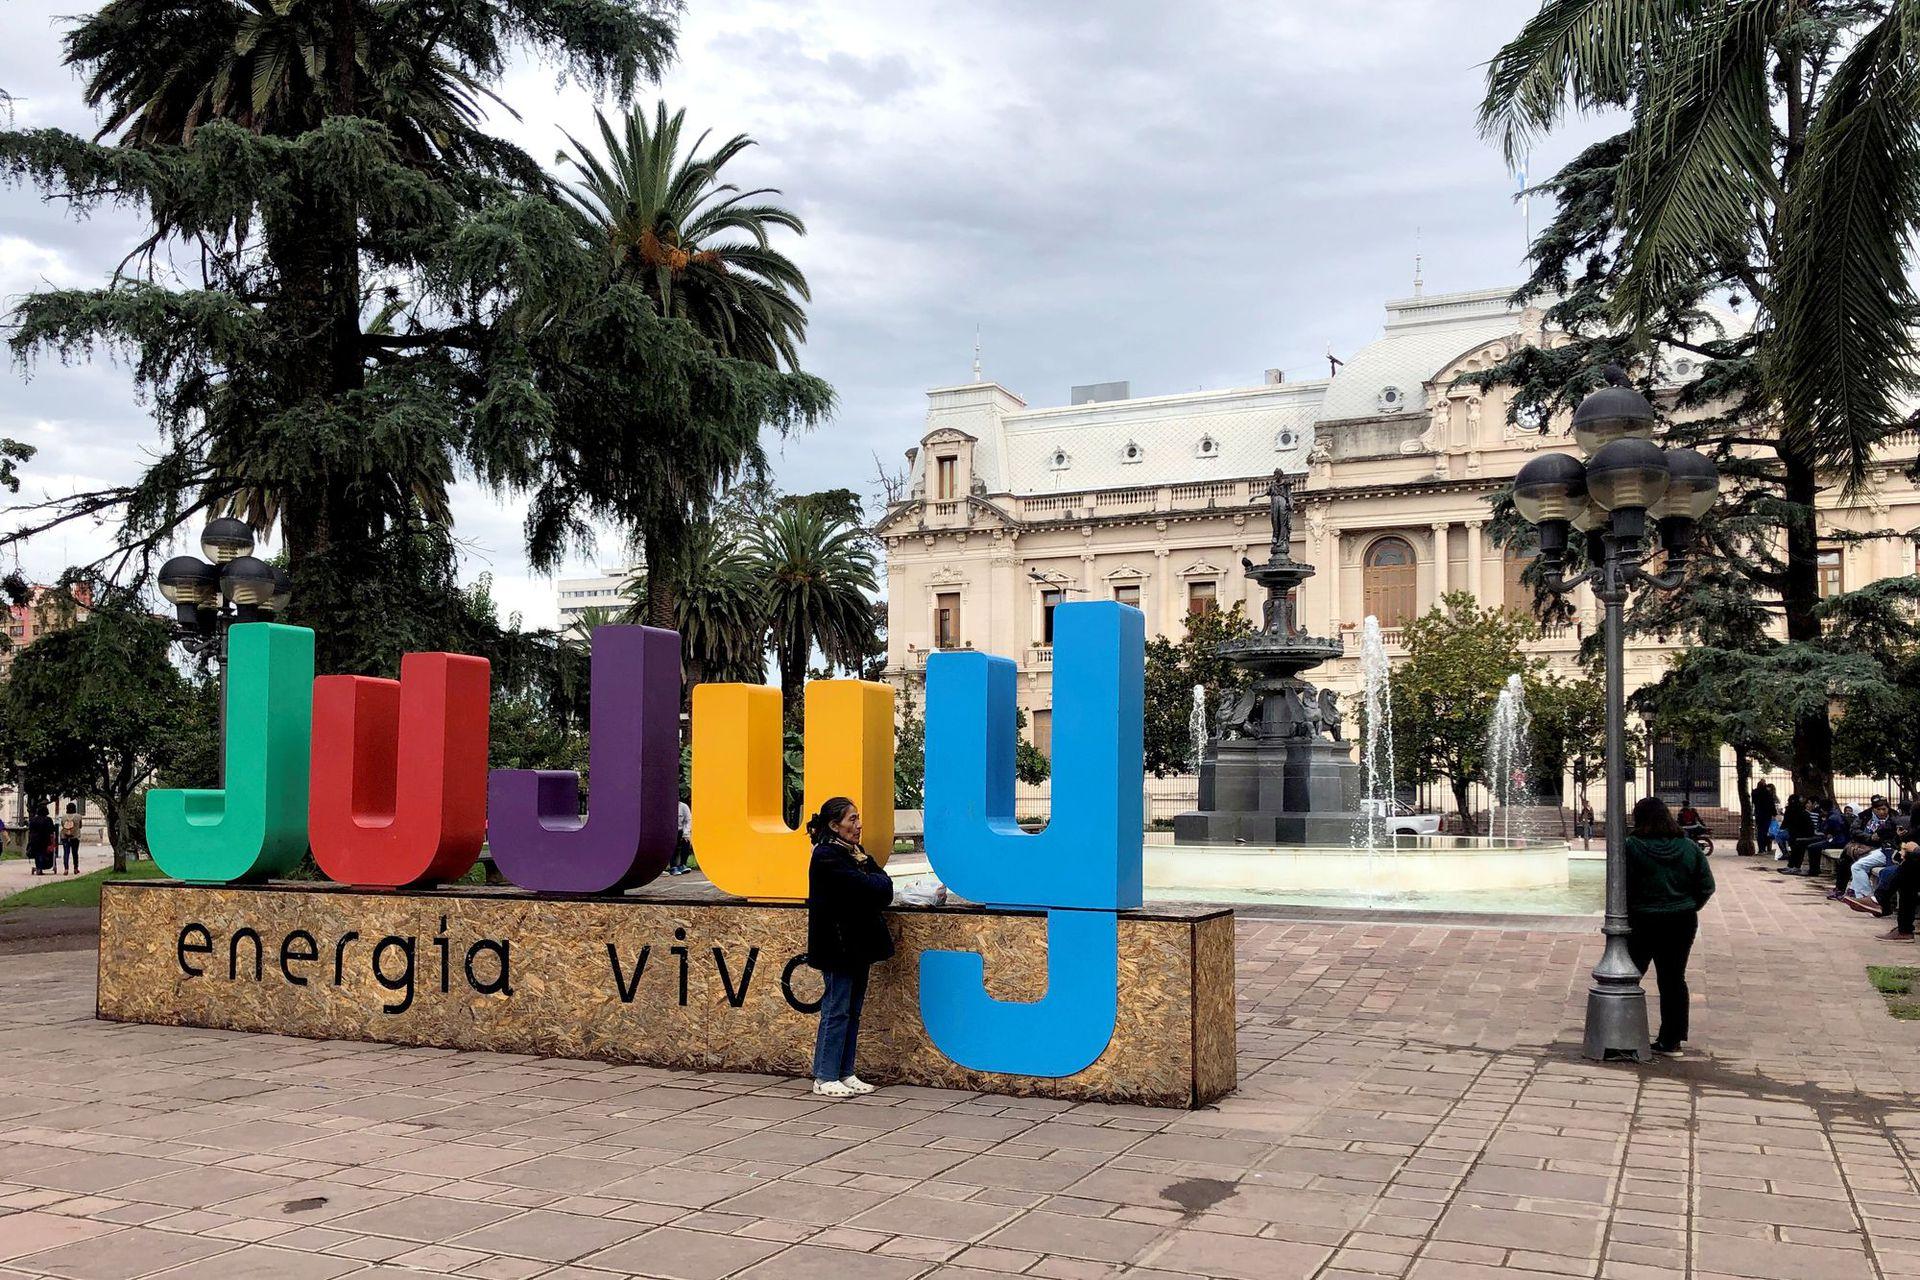 La plaza frente a la casa de gobierno provincial, en San Salvador de Jujuy